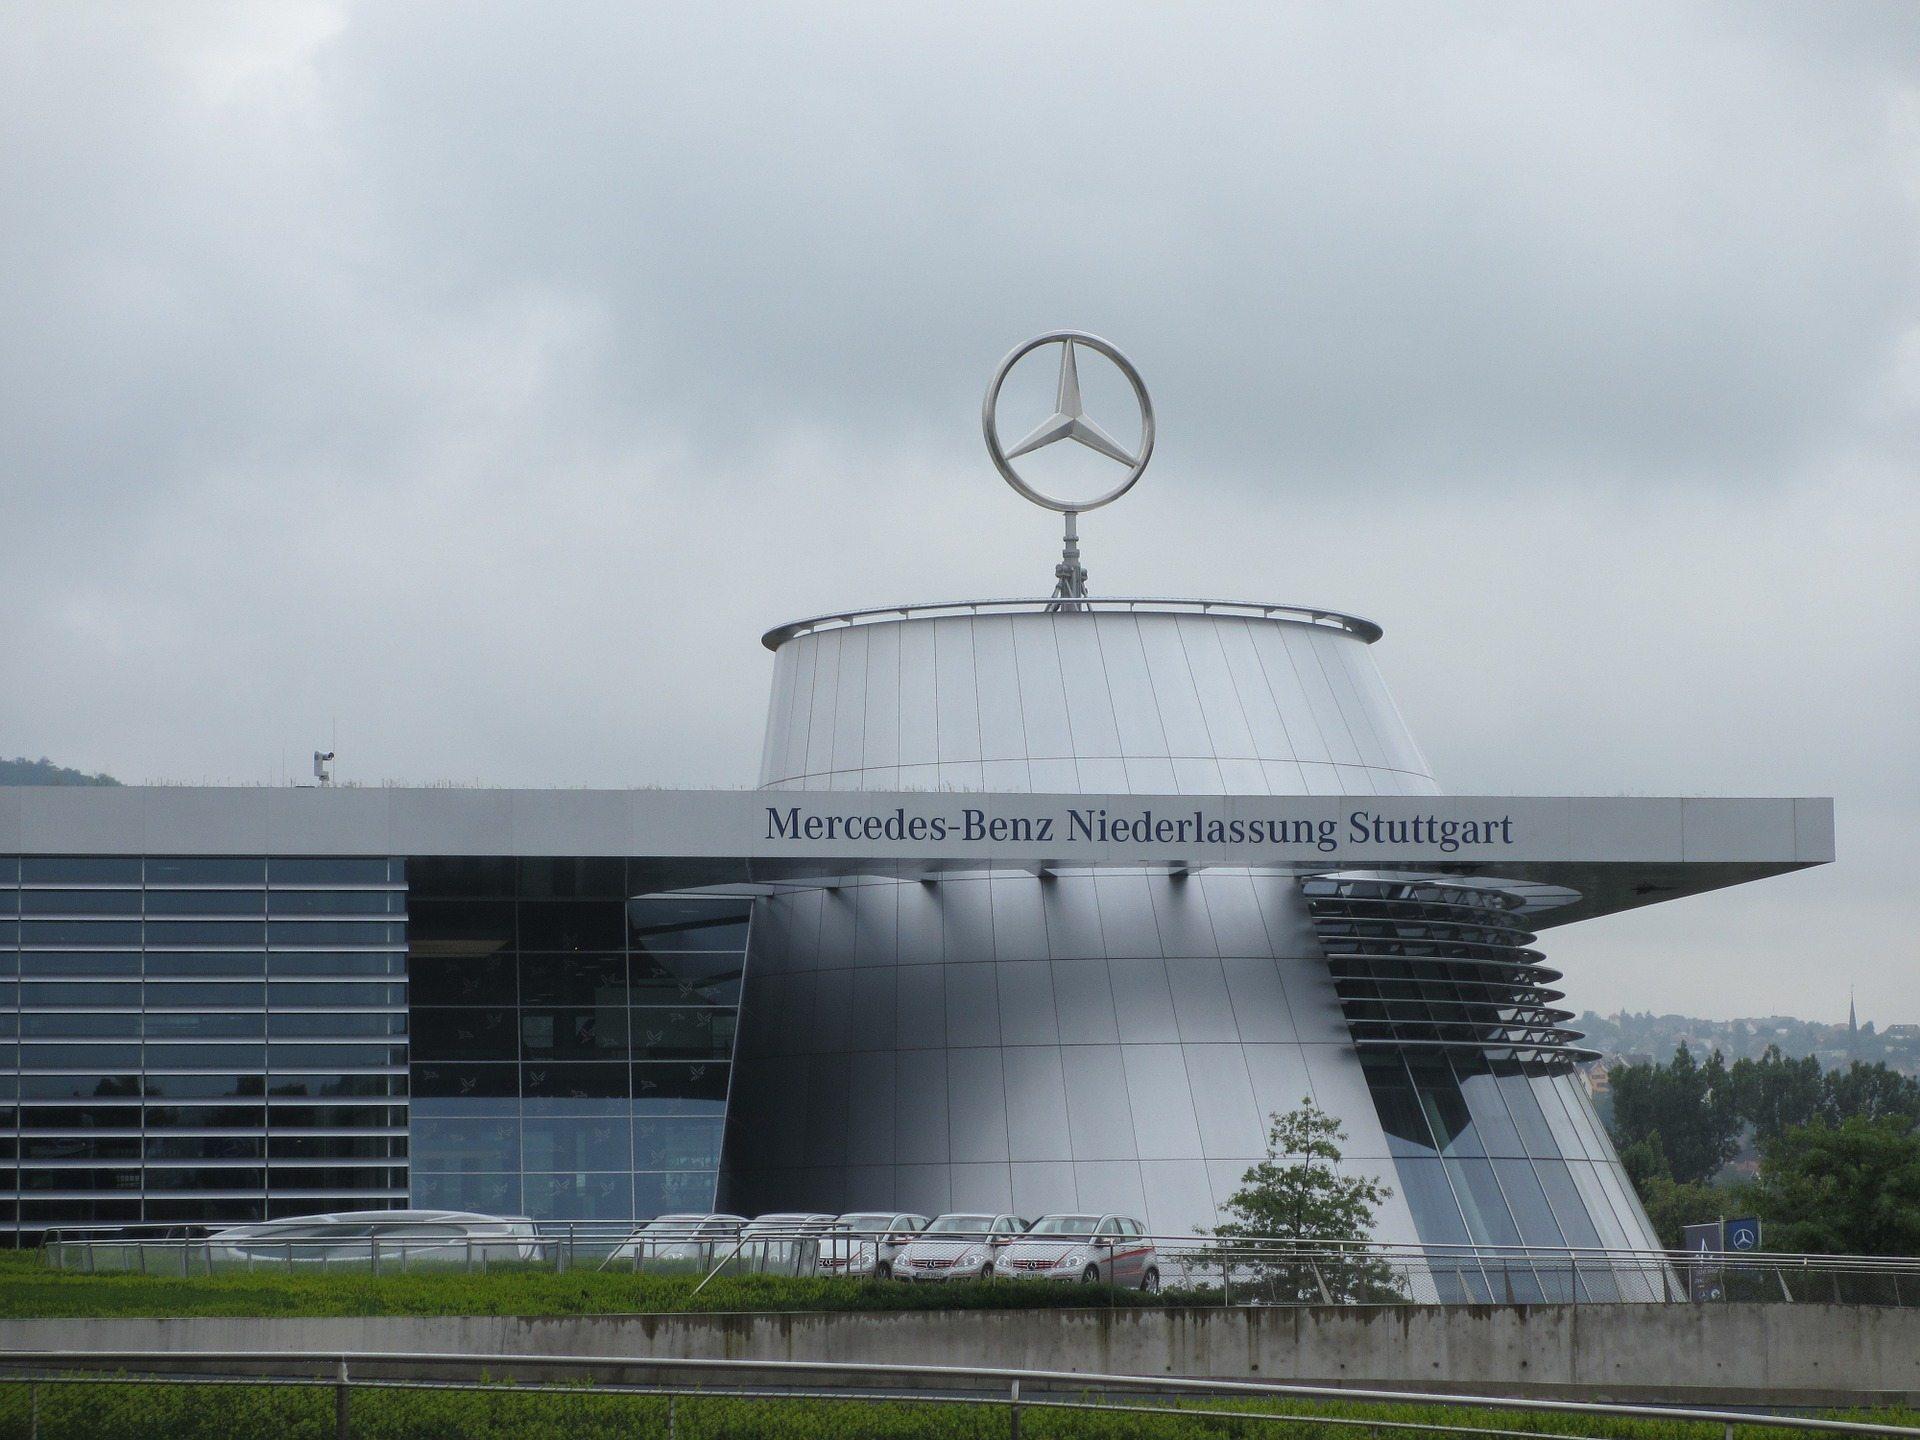 Take a tour around Mercedes Benz in Stuttgart.